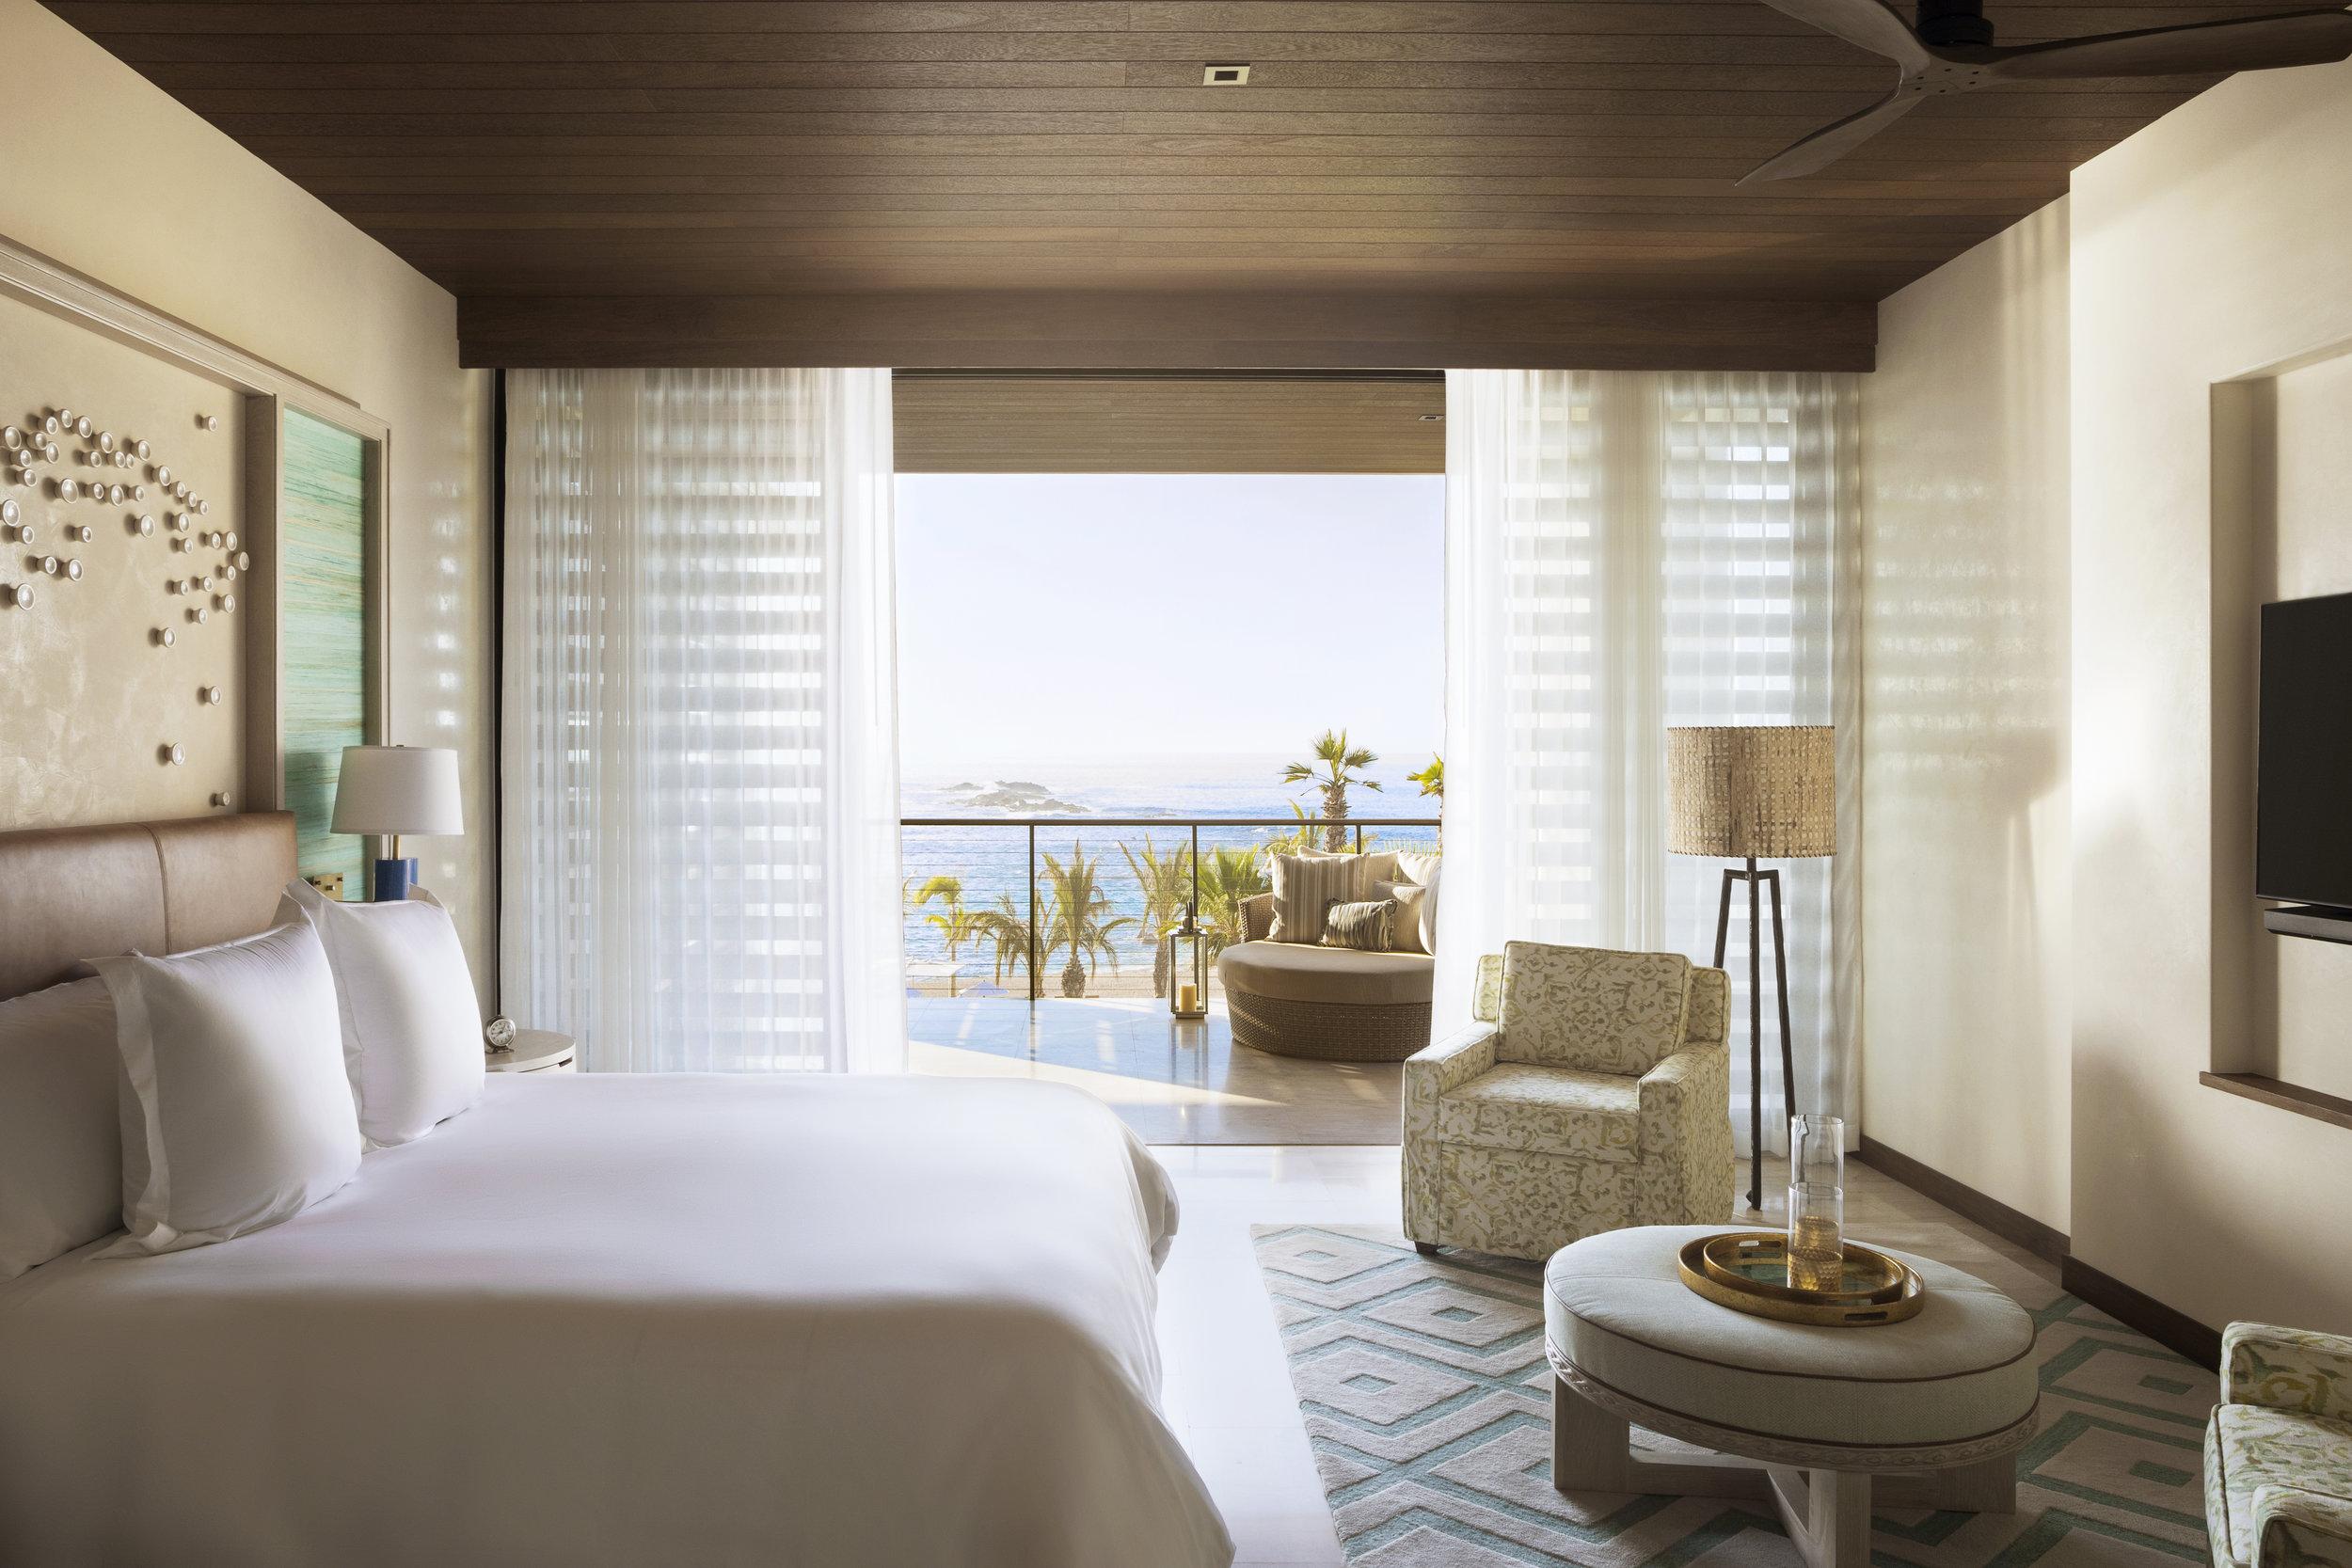 06 - Ocean View Room.jpg